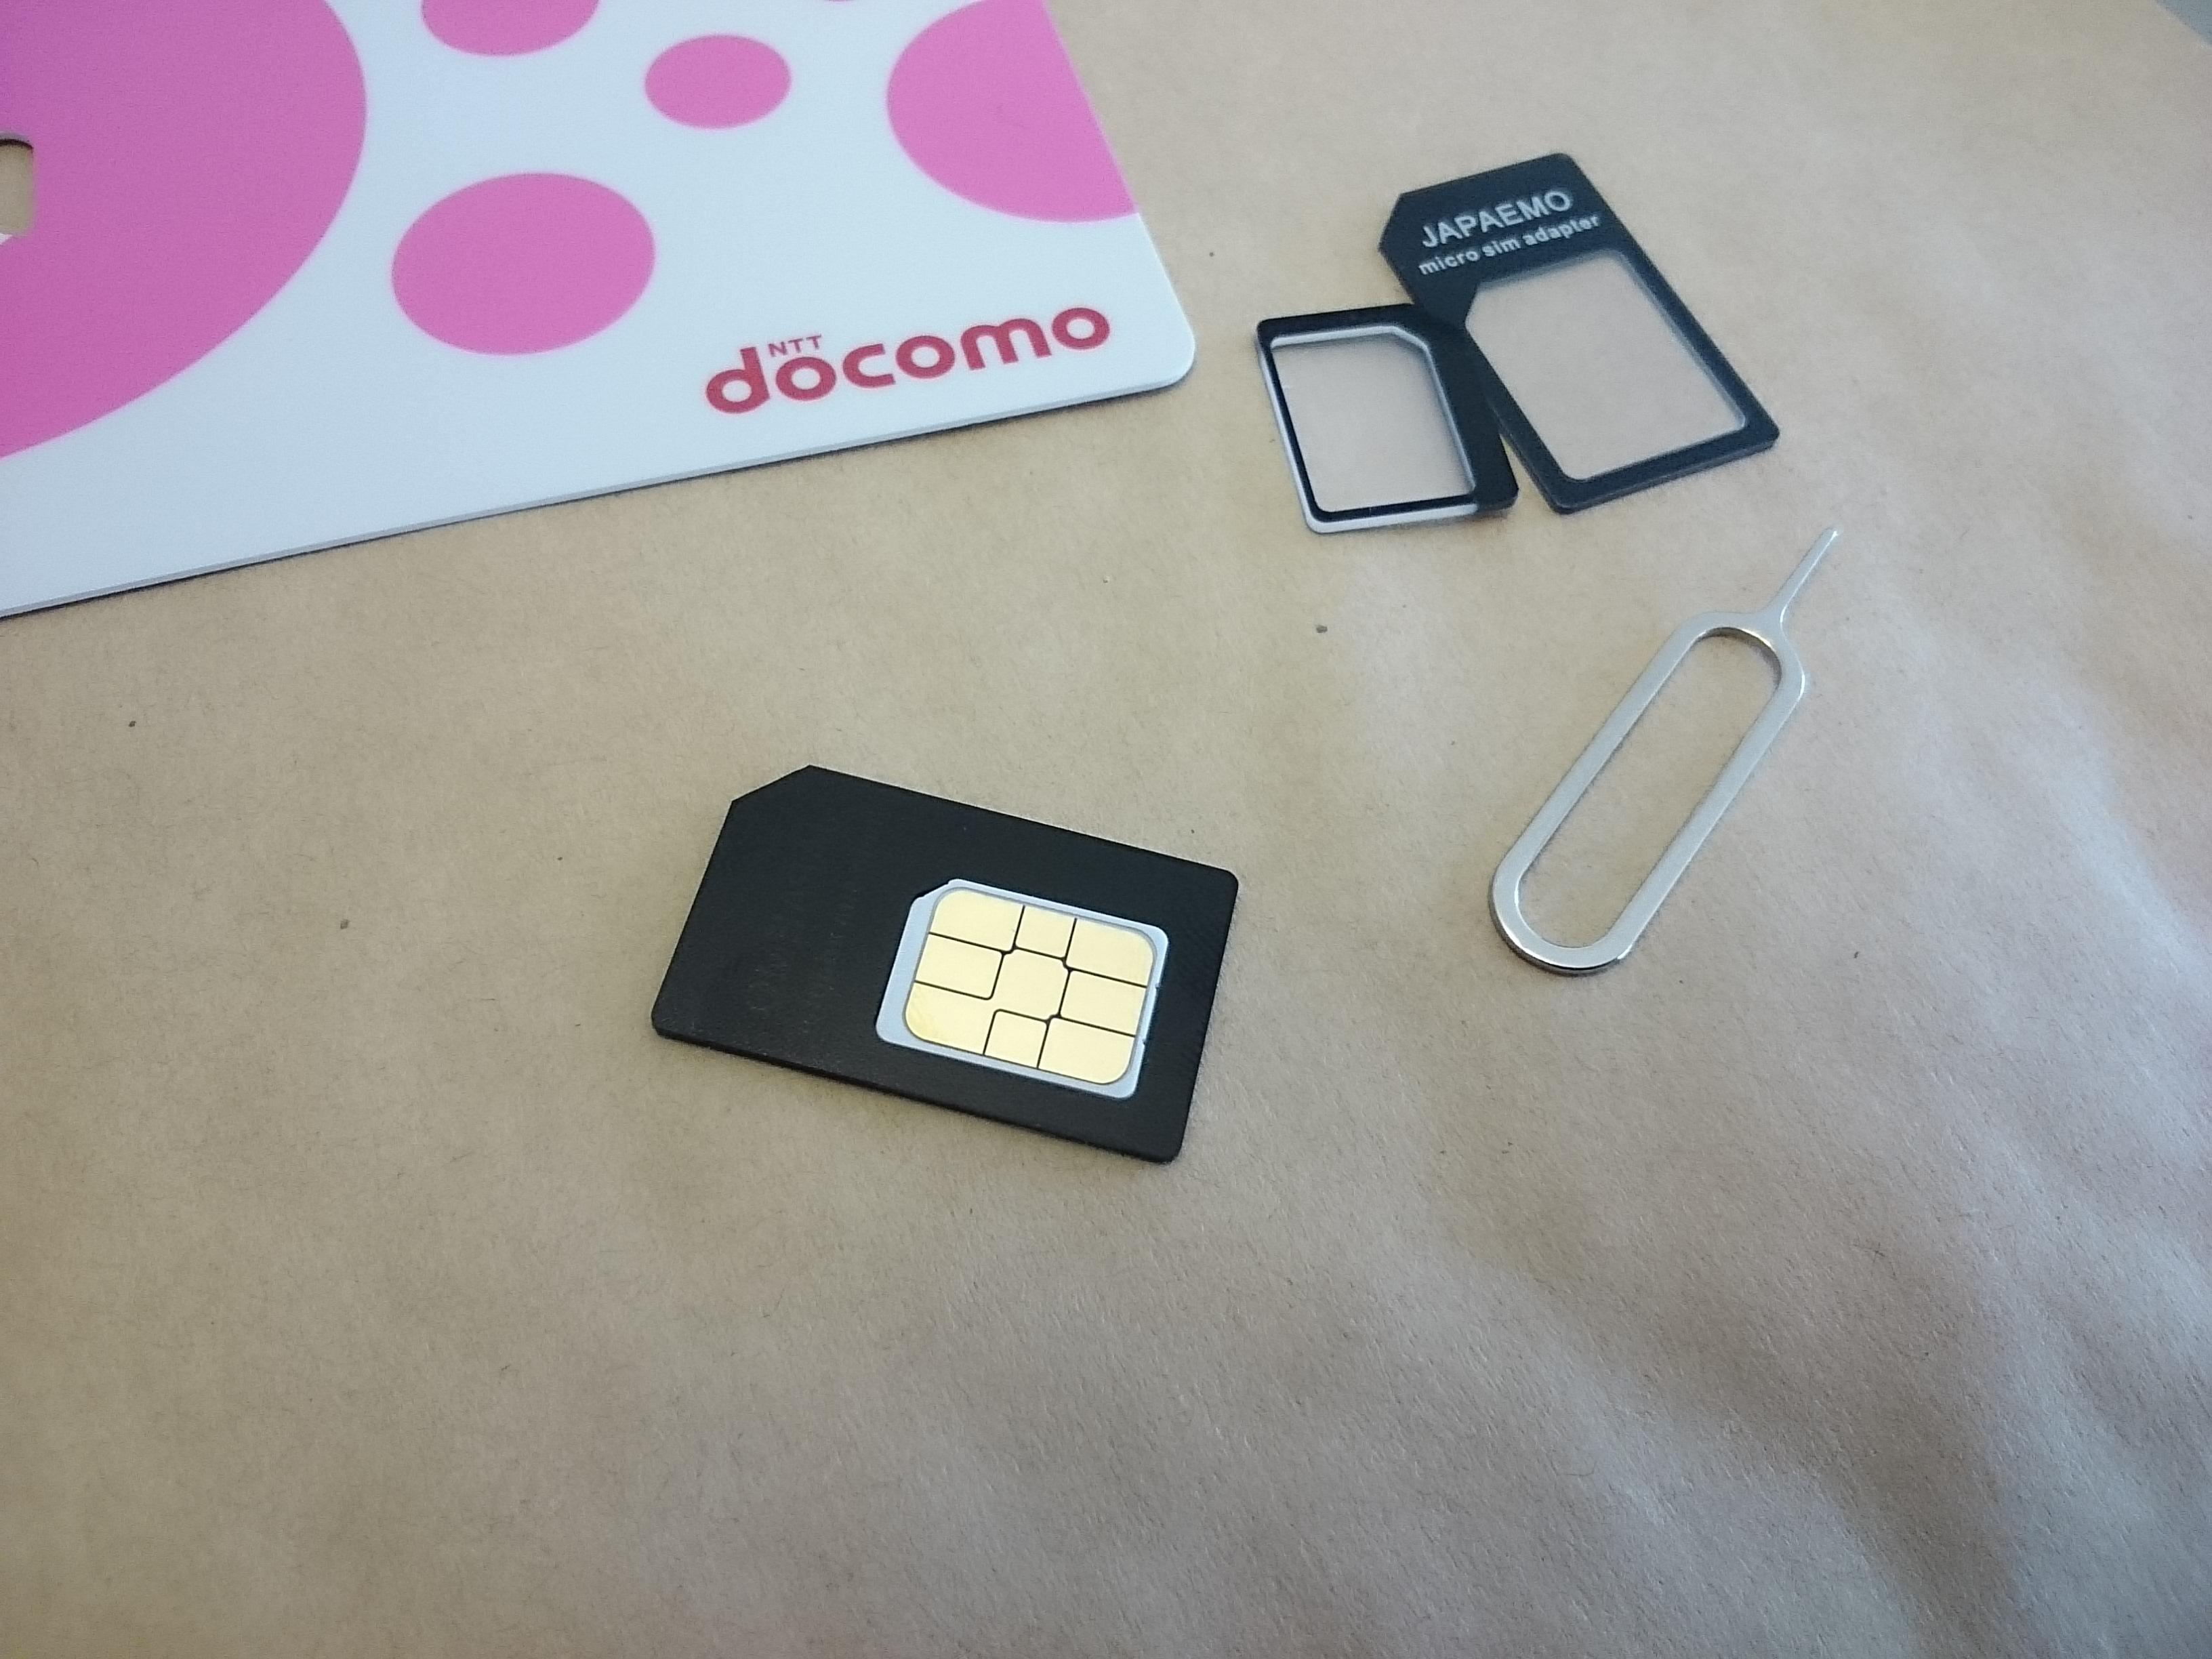 ドコモ ワイヤレスゲート 格安SIM